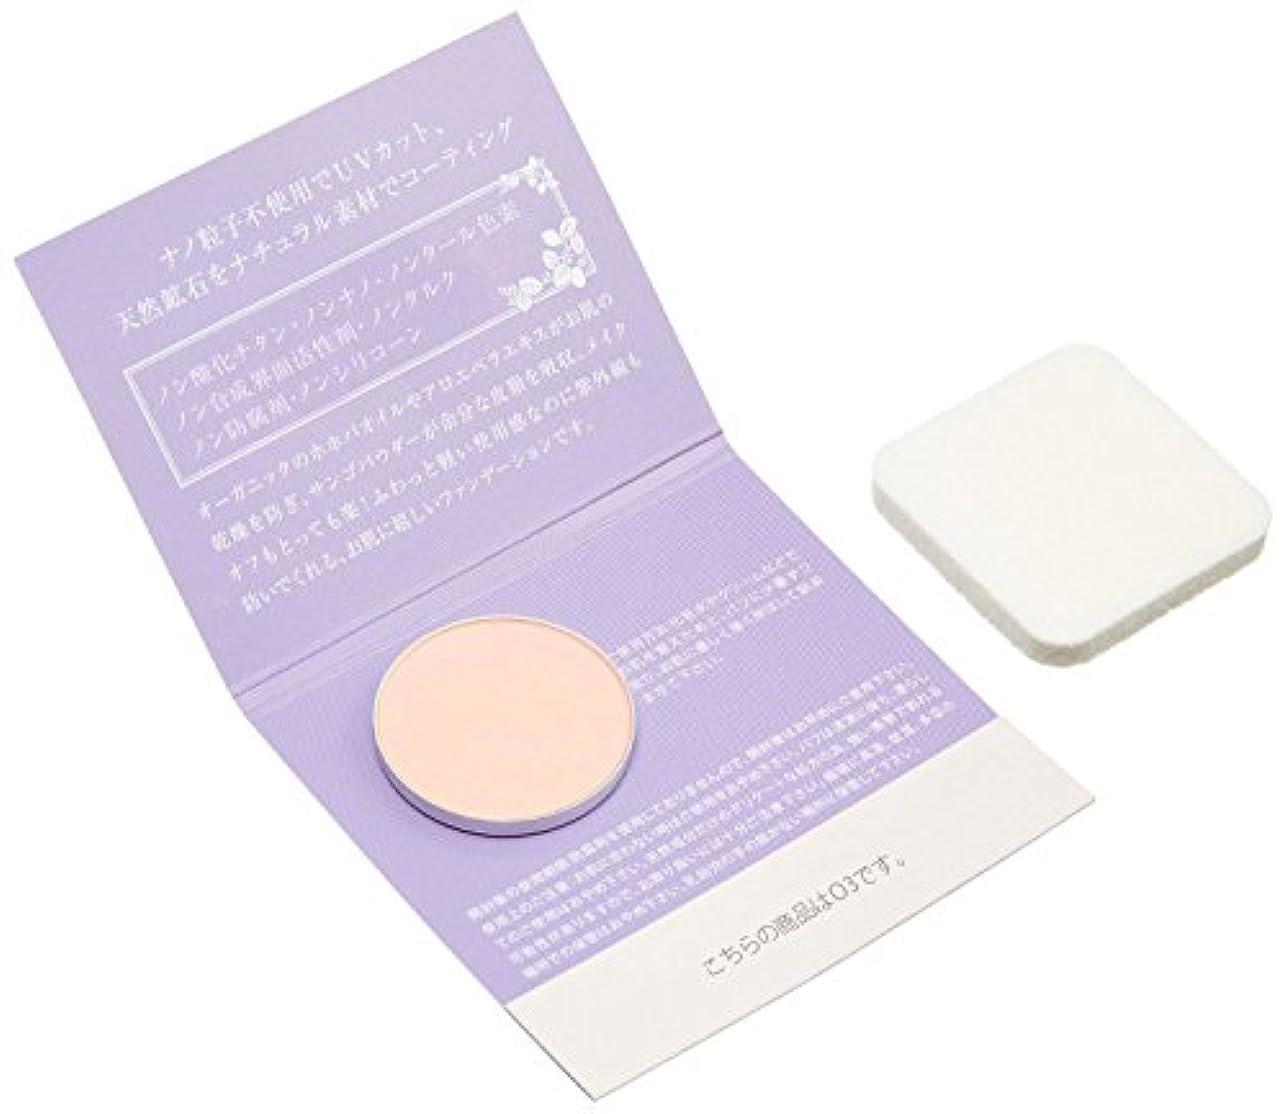 ディプロマ衣装洗剤アムリターラ アメージングオーガニックファンデーション トライアル 03ノンチタンライト( SPF 10PA+)